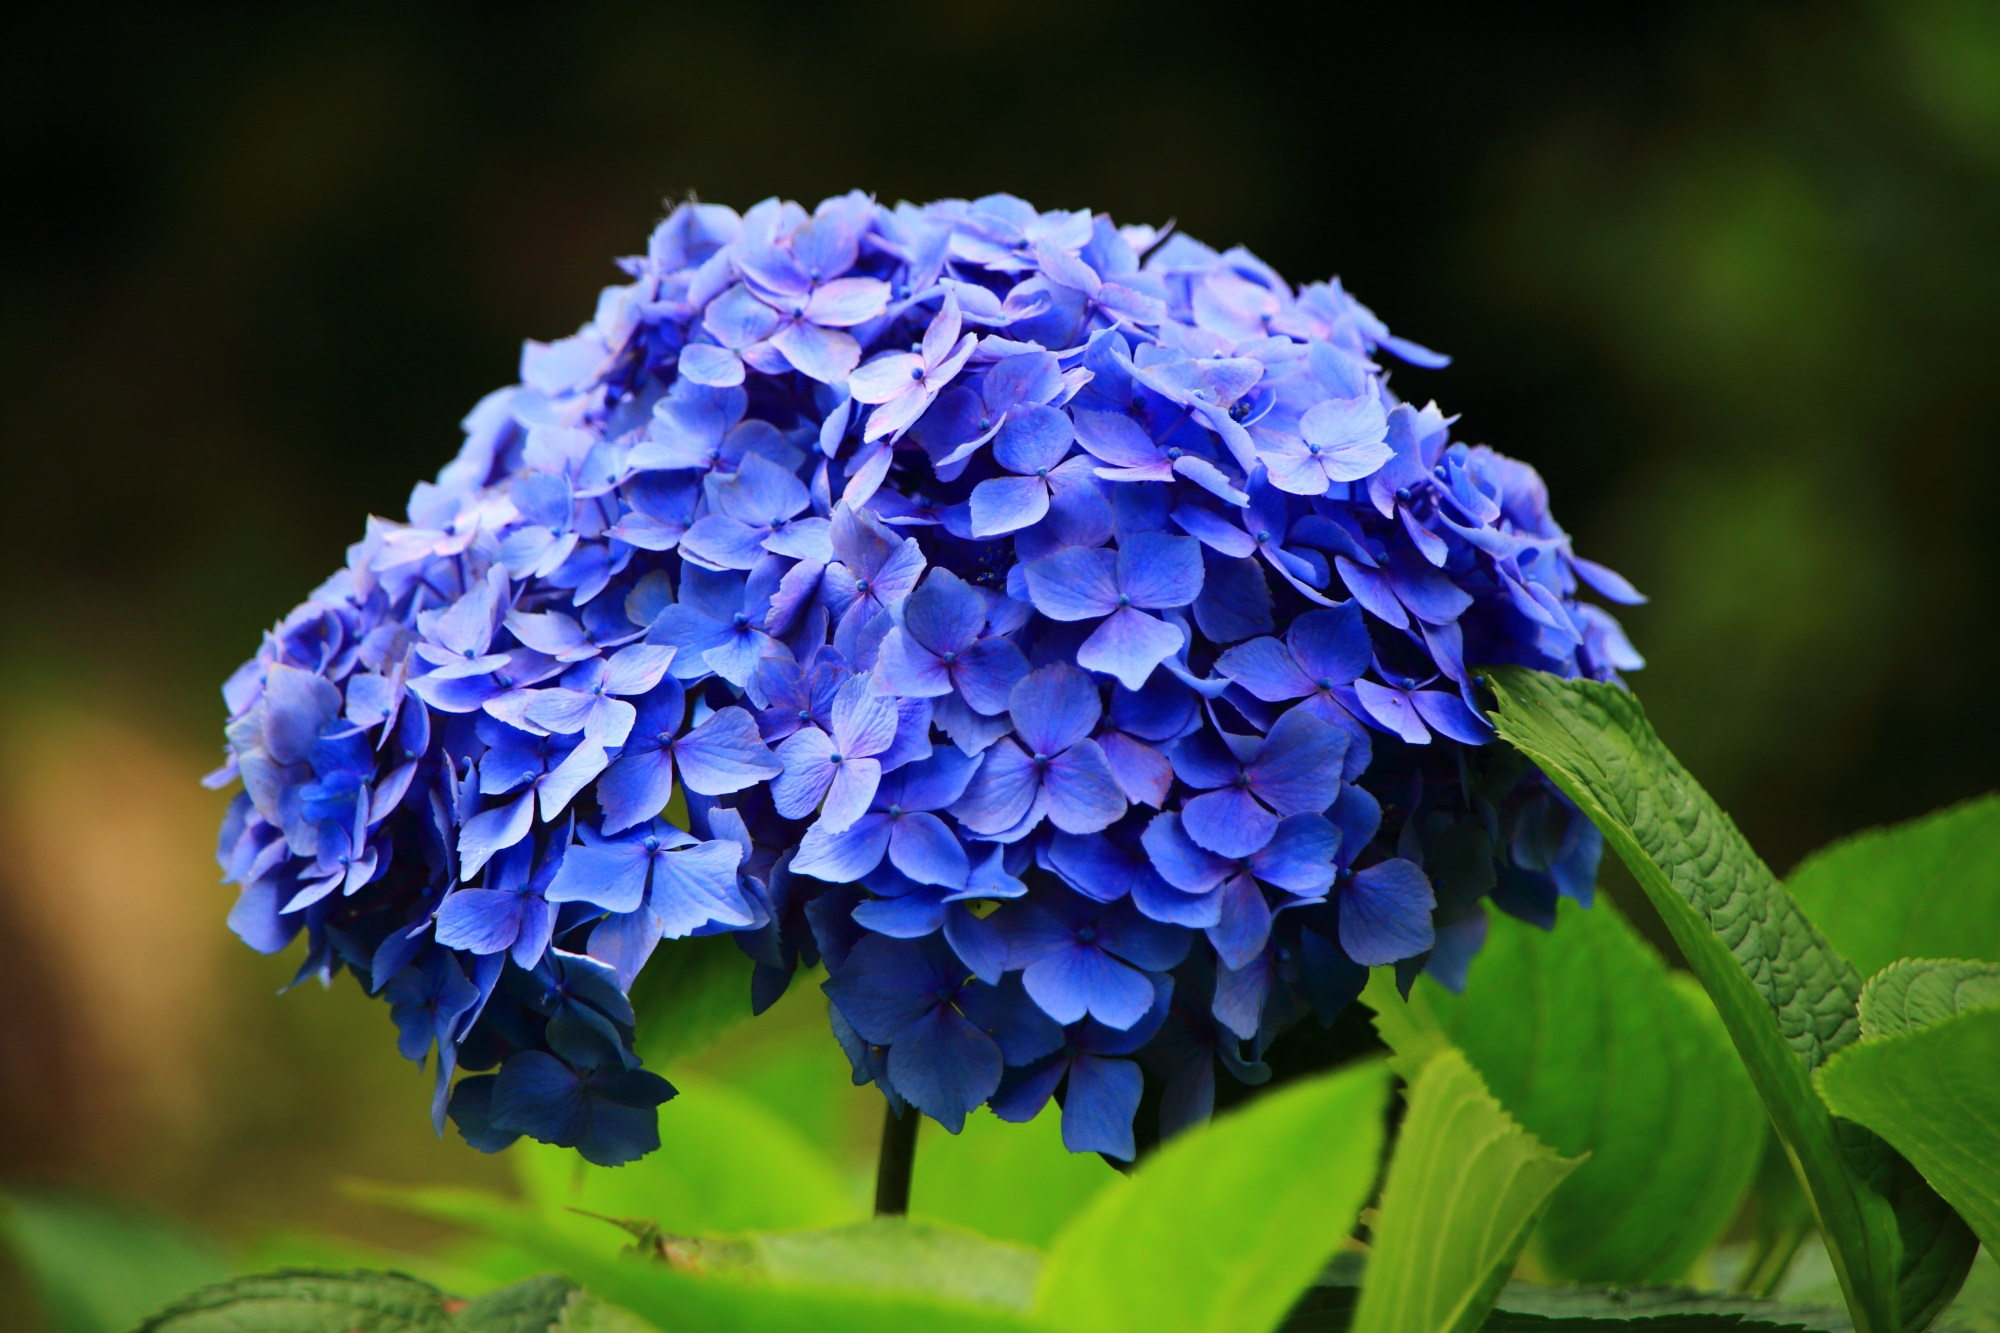 三室戸寺の優雅に咲く趣きある青系の紫陽花